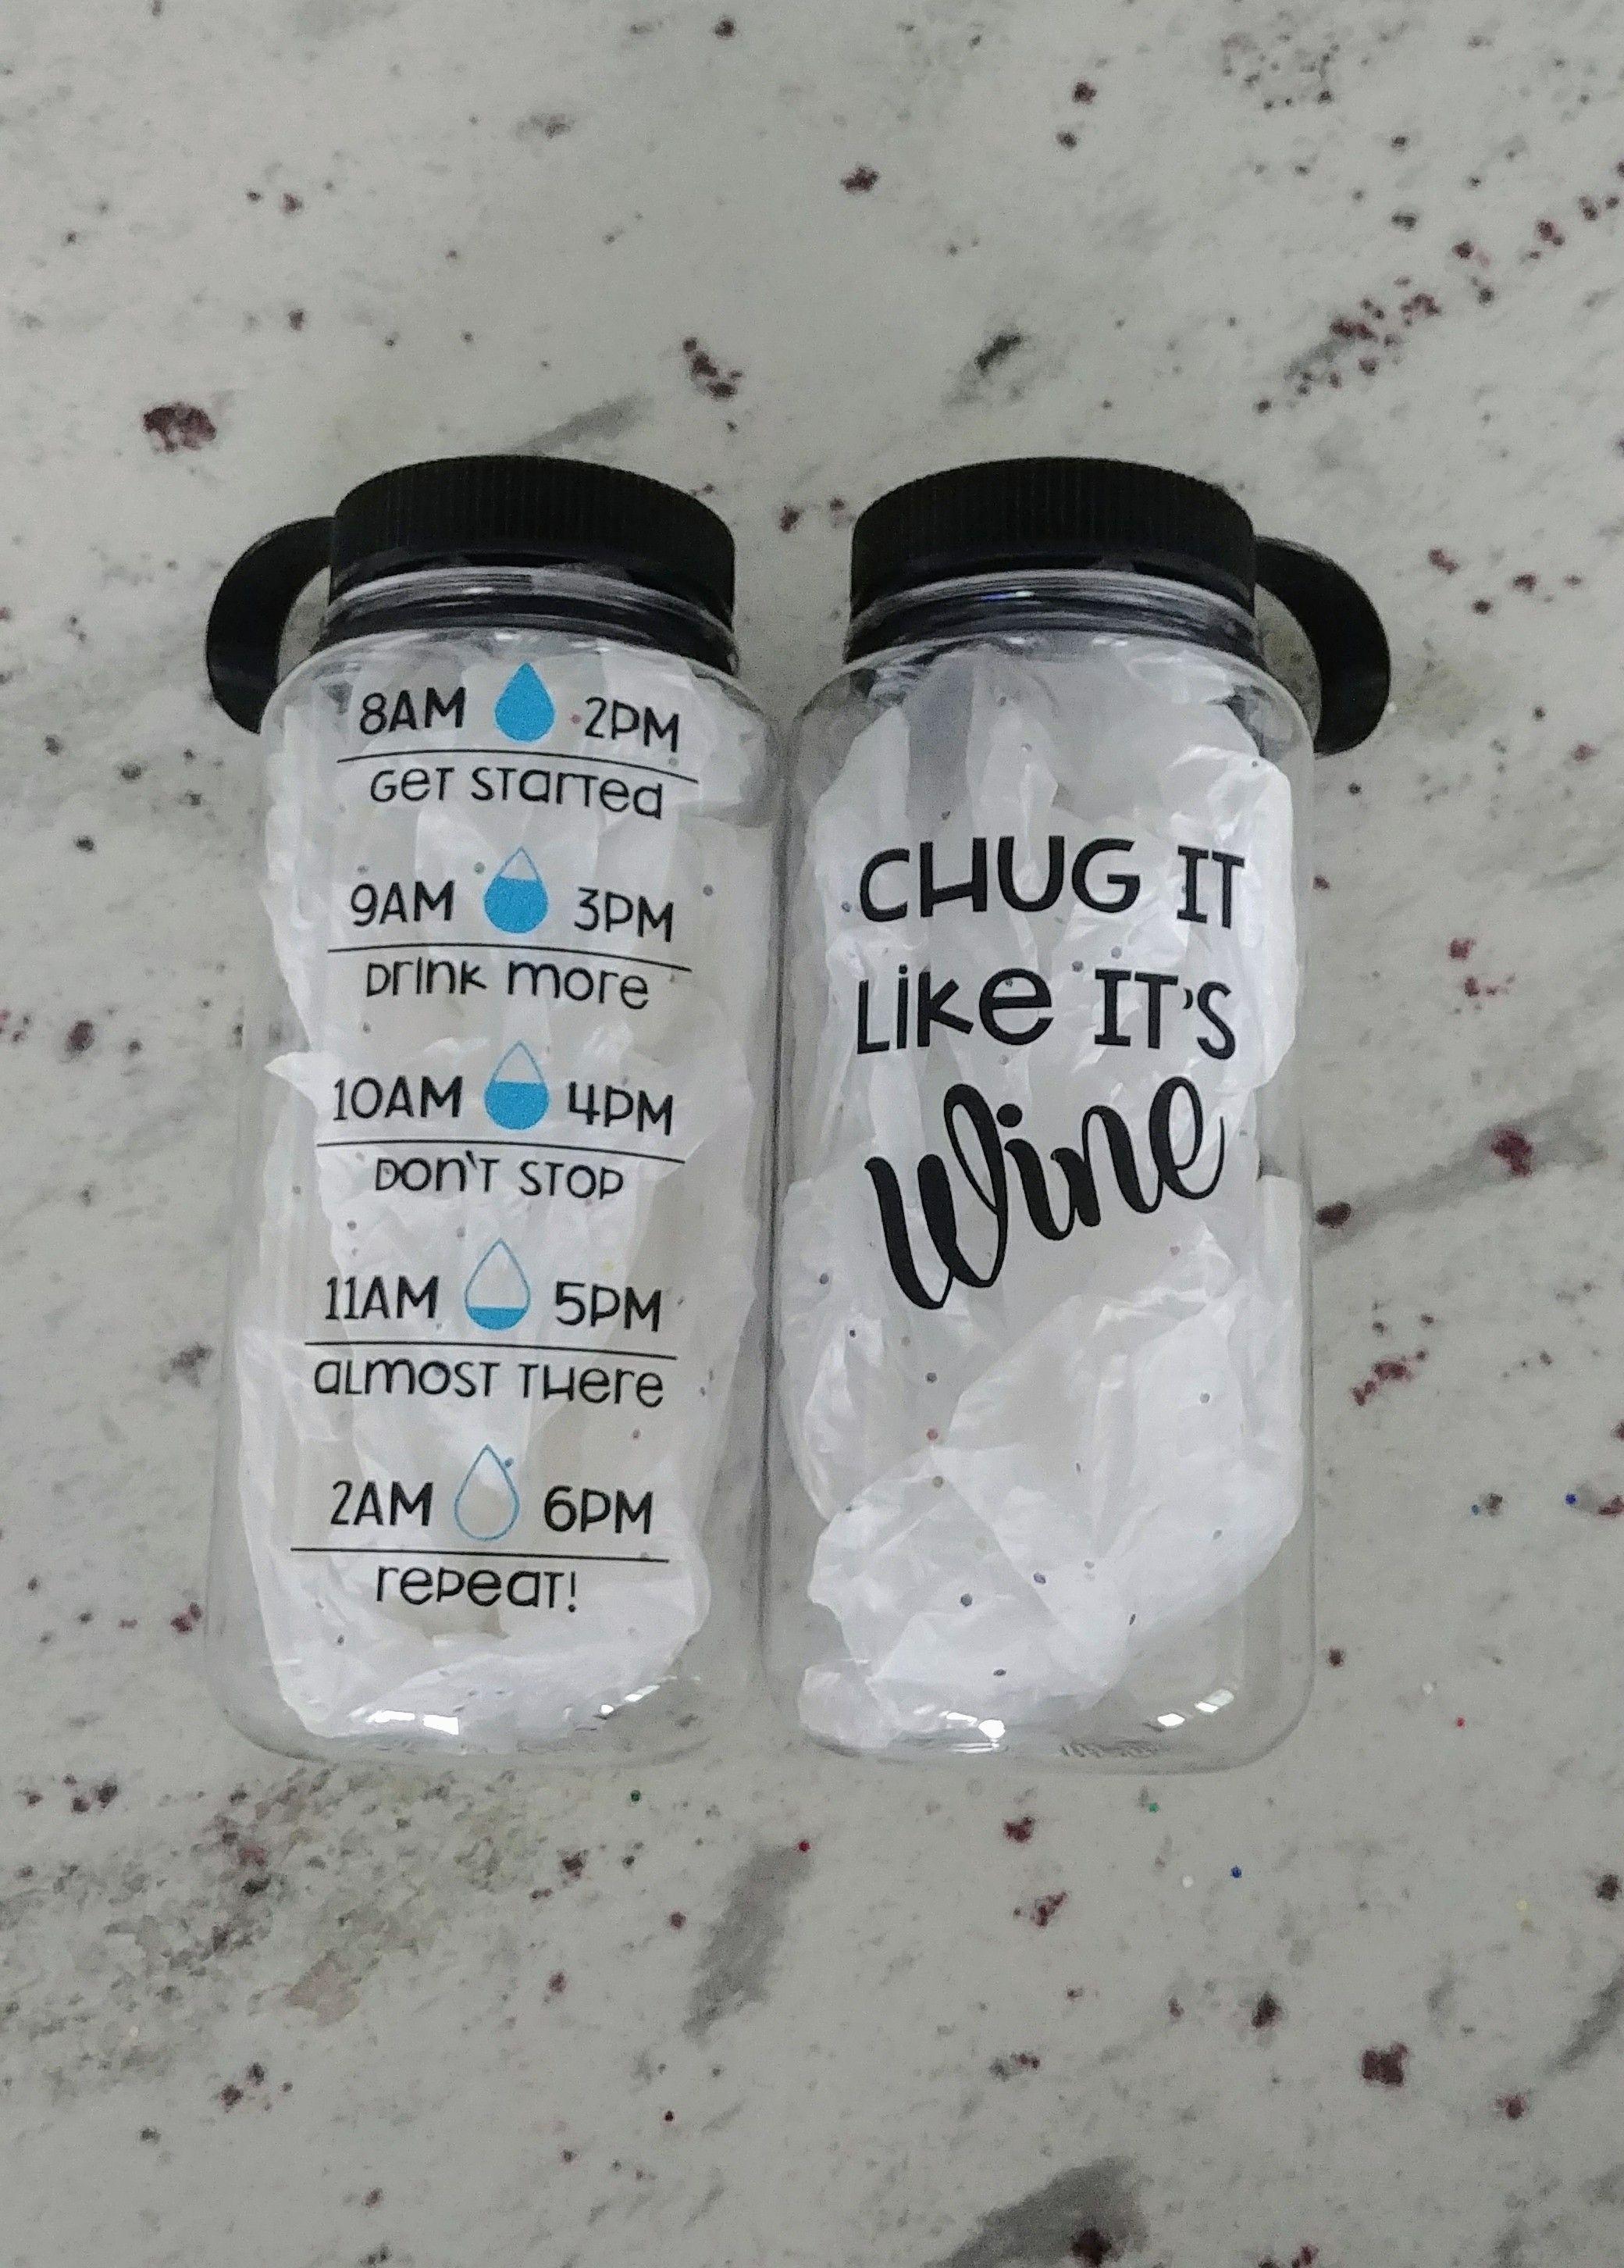 Free Water Intake Svg : water, intake, Wine., Water, Intake, Schedule, Bottle., #waterbottles, #schedulewaterbottle, #drinkware, #drinking, #d…, Funny, Bottle,, Drinking